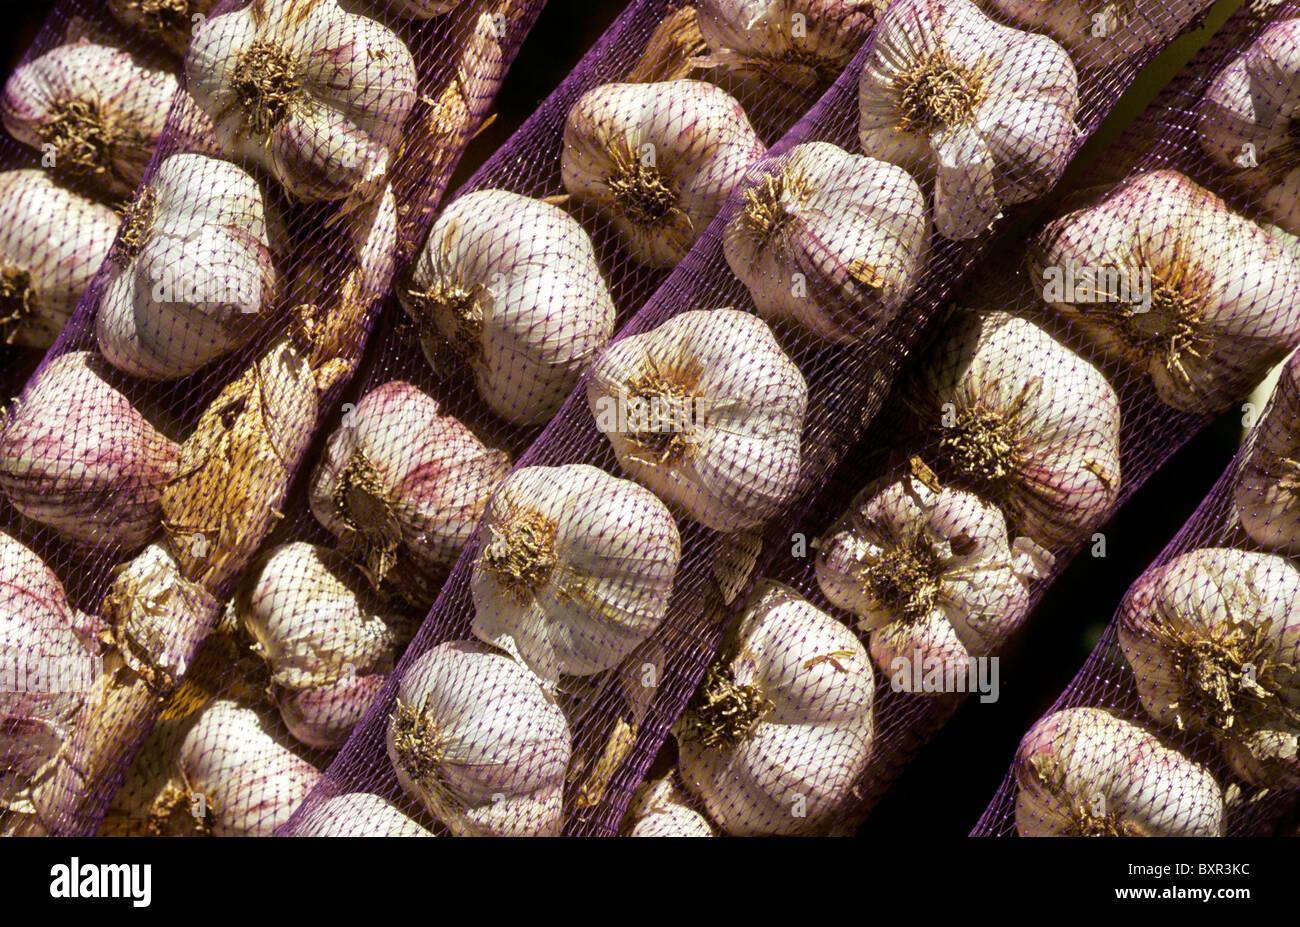 Garlic (Allium sativum) on display in strings, Belgium - Stock Image